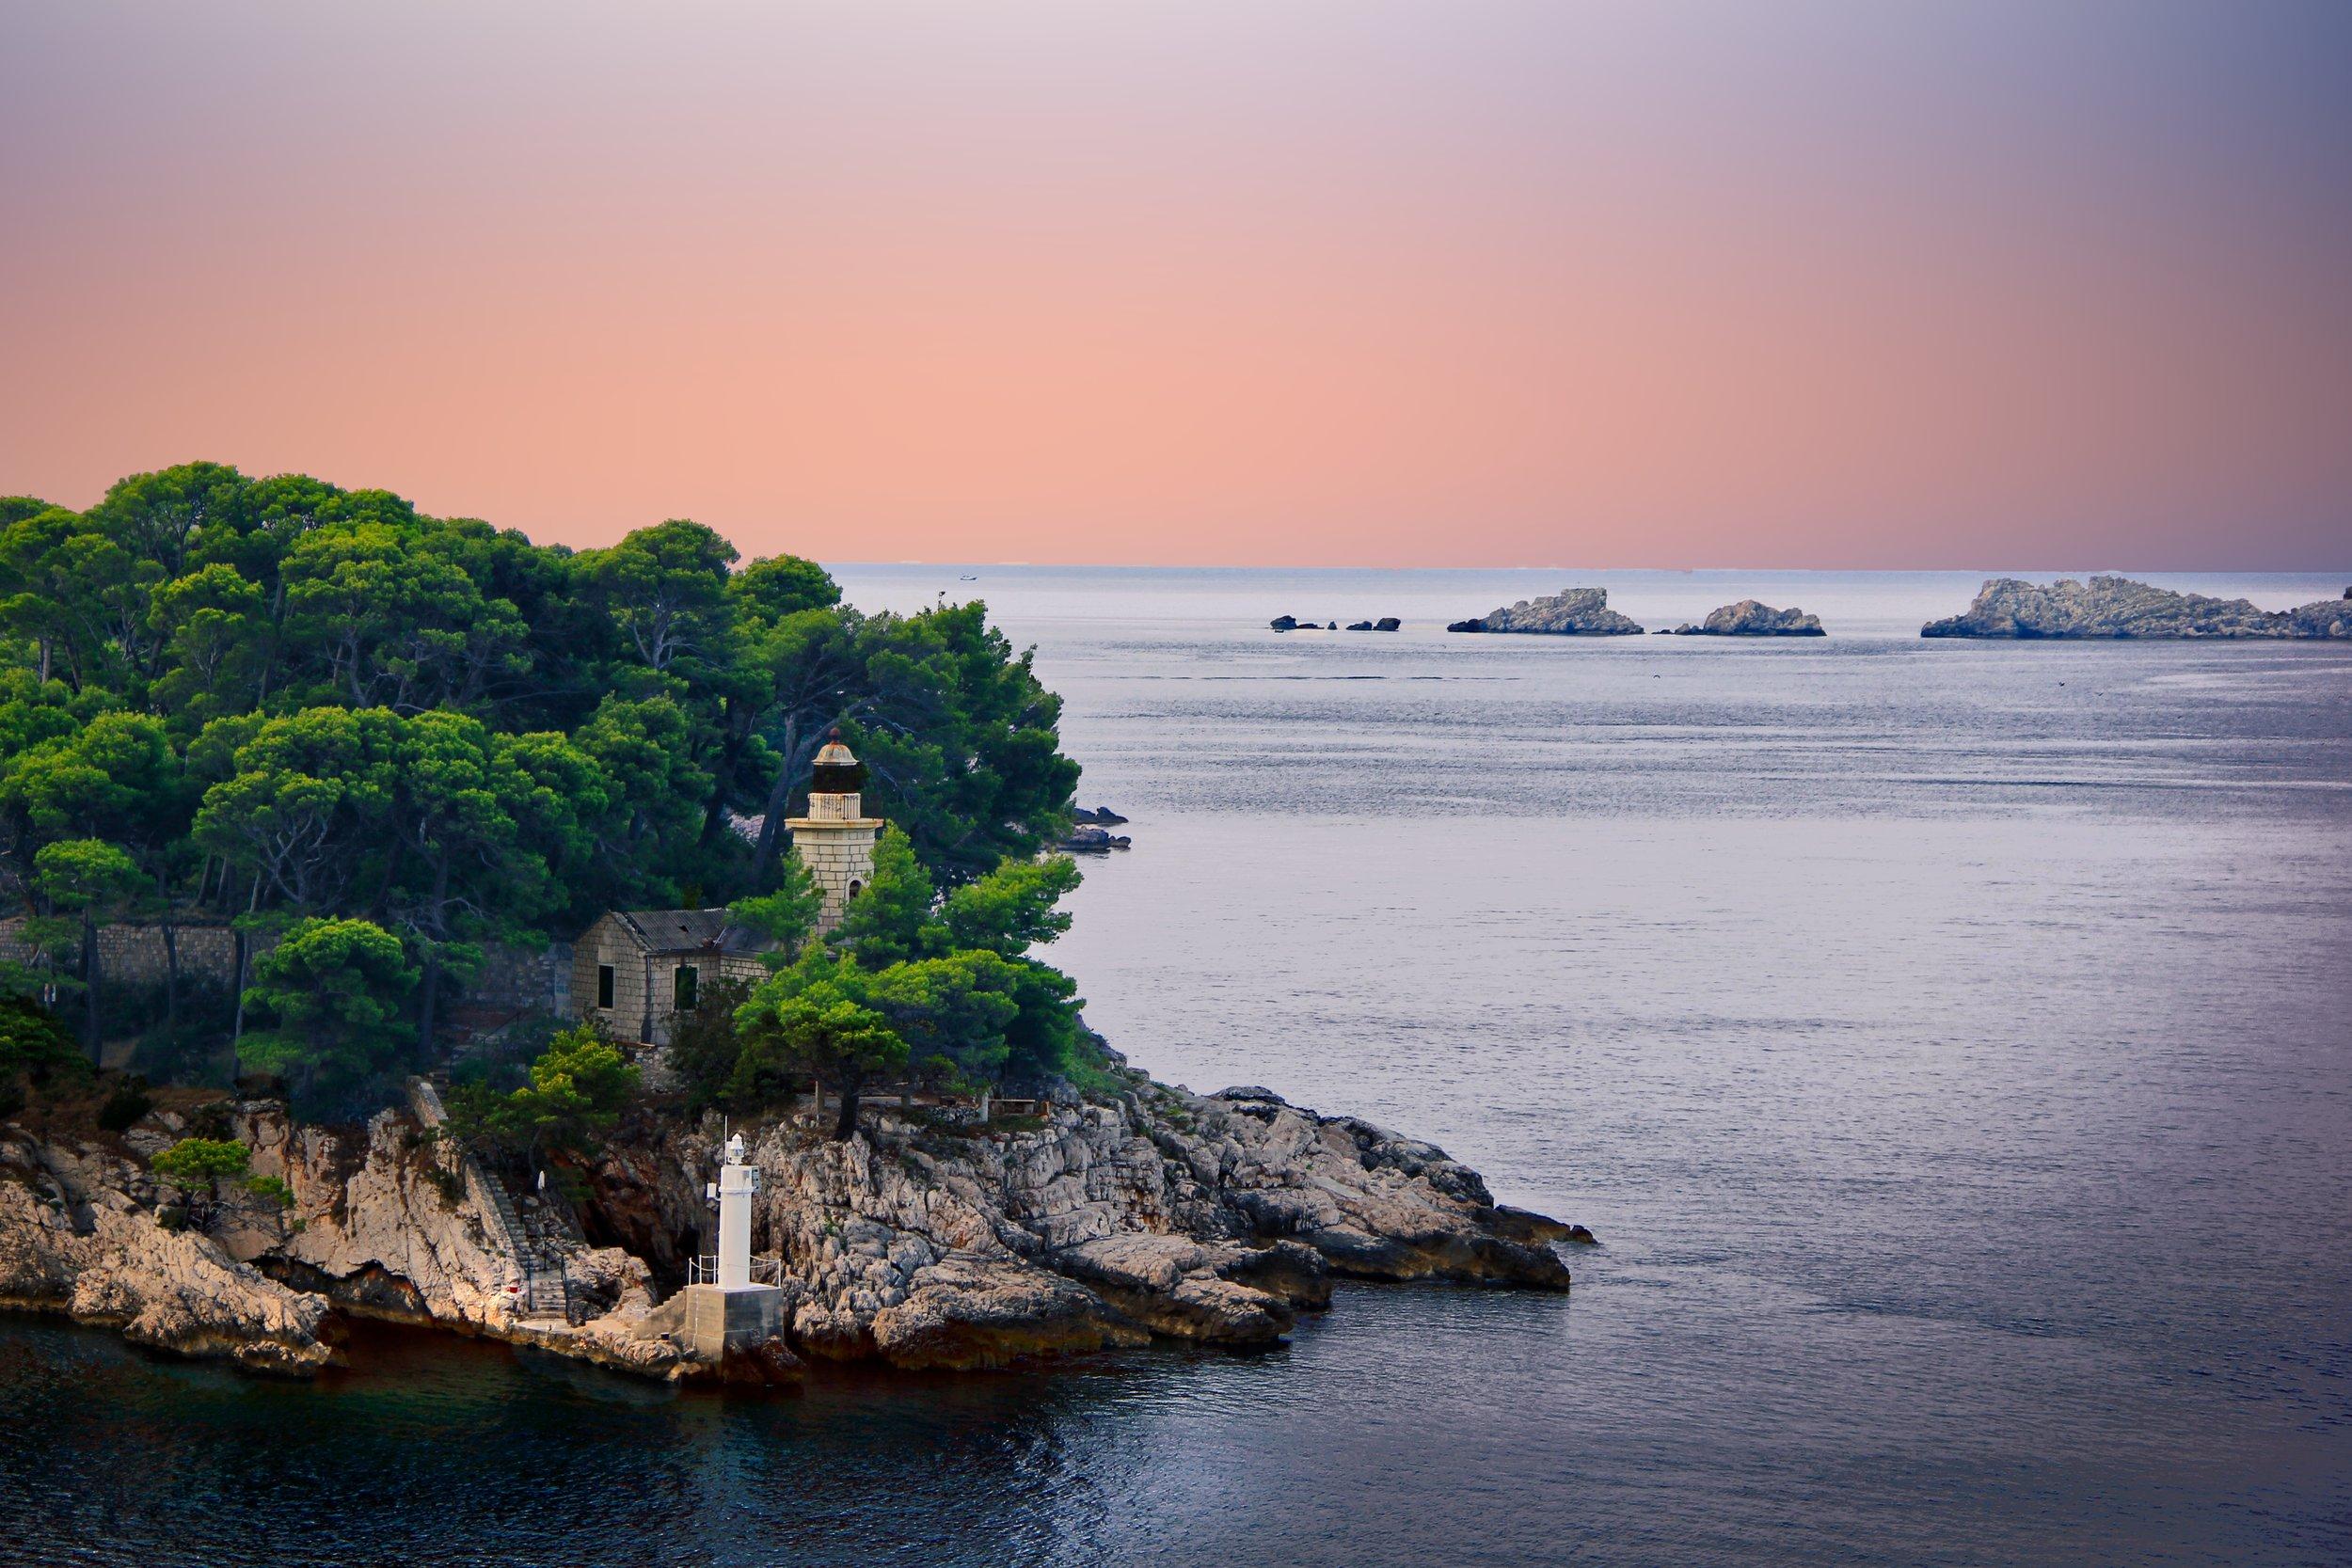 croatia - East Mediterranean